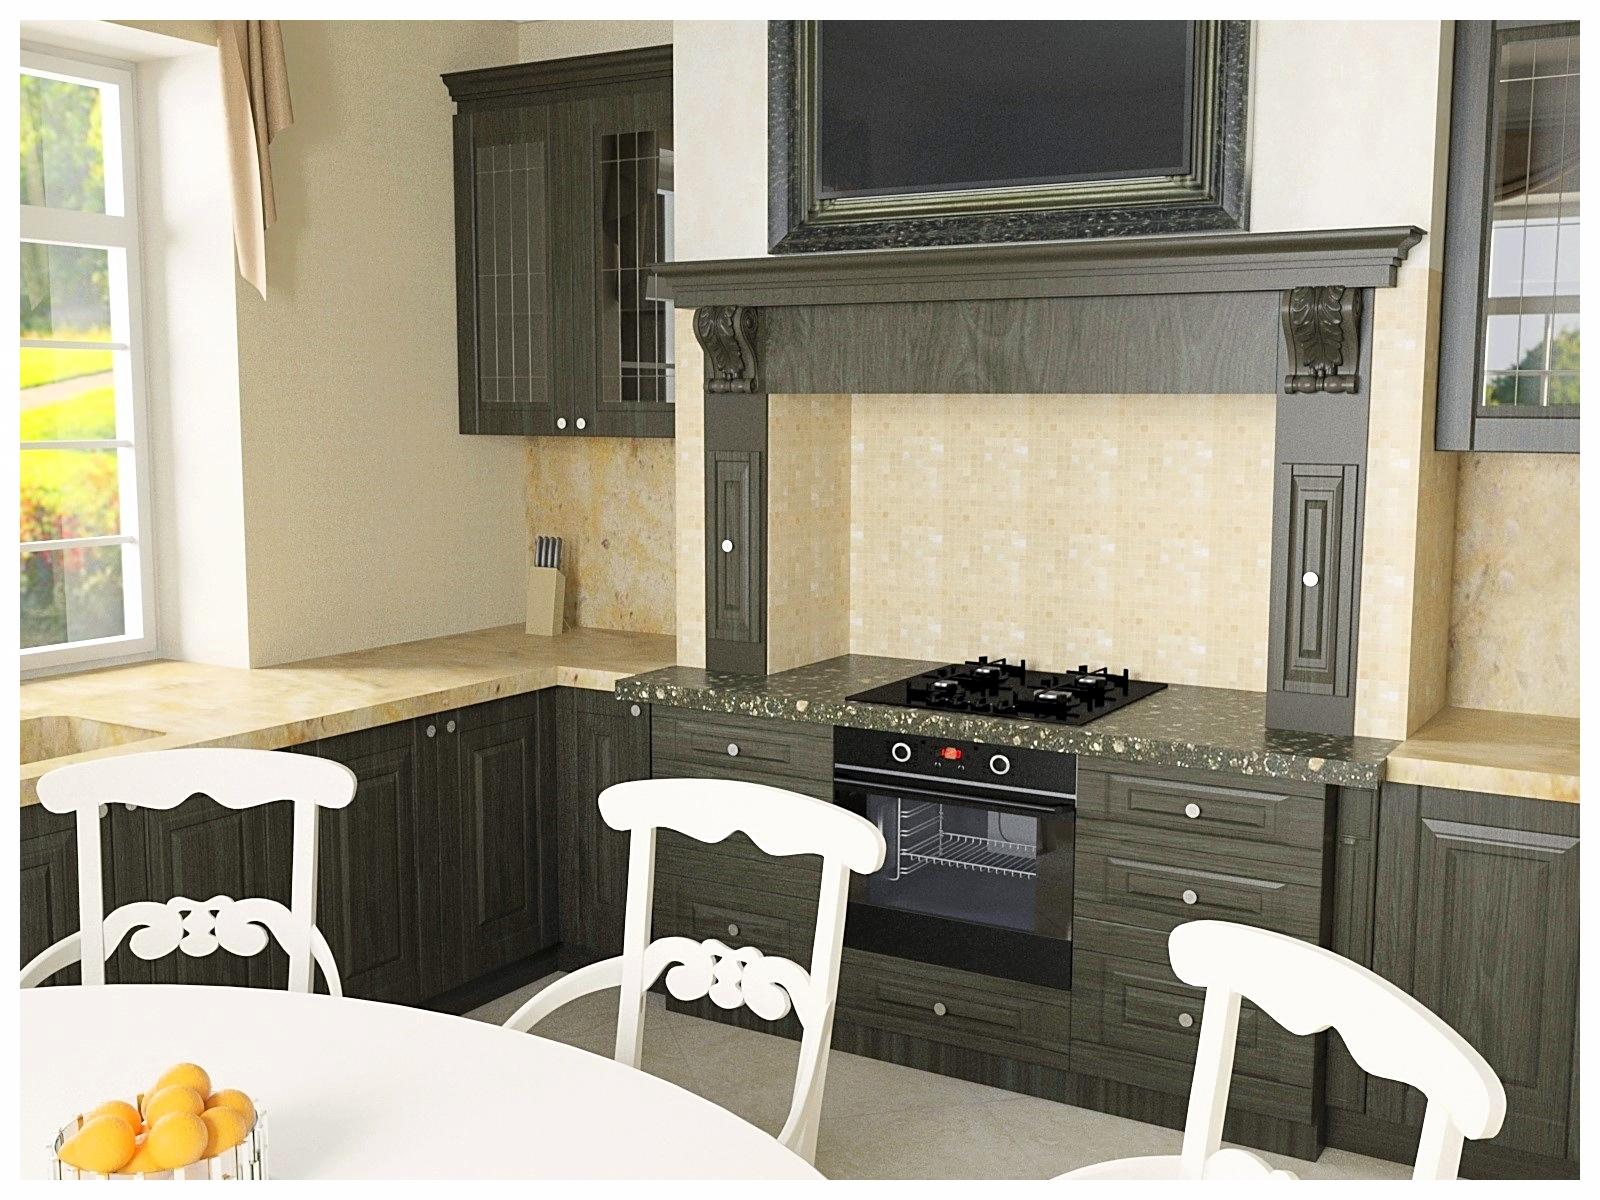 Дизайн интерьеров дома в классическом стиле. Кухня 2.